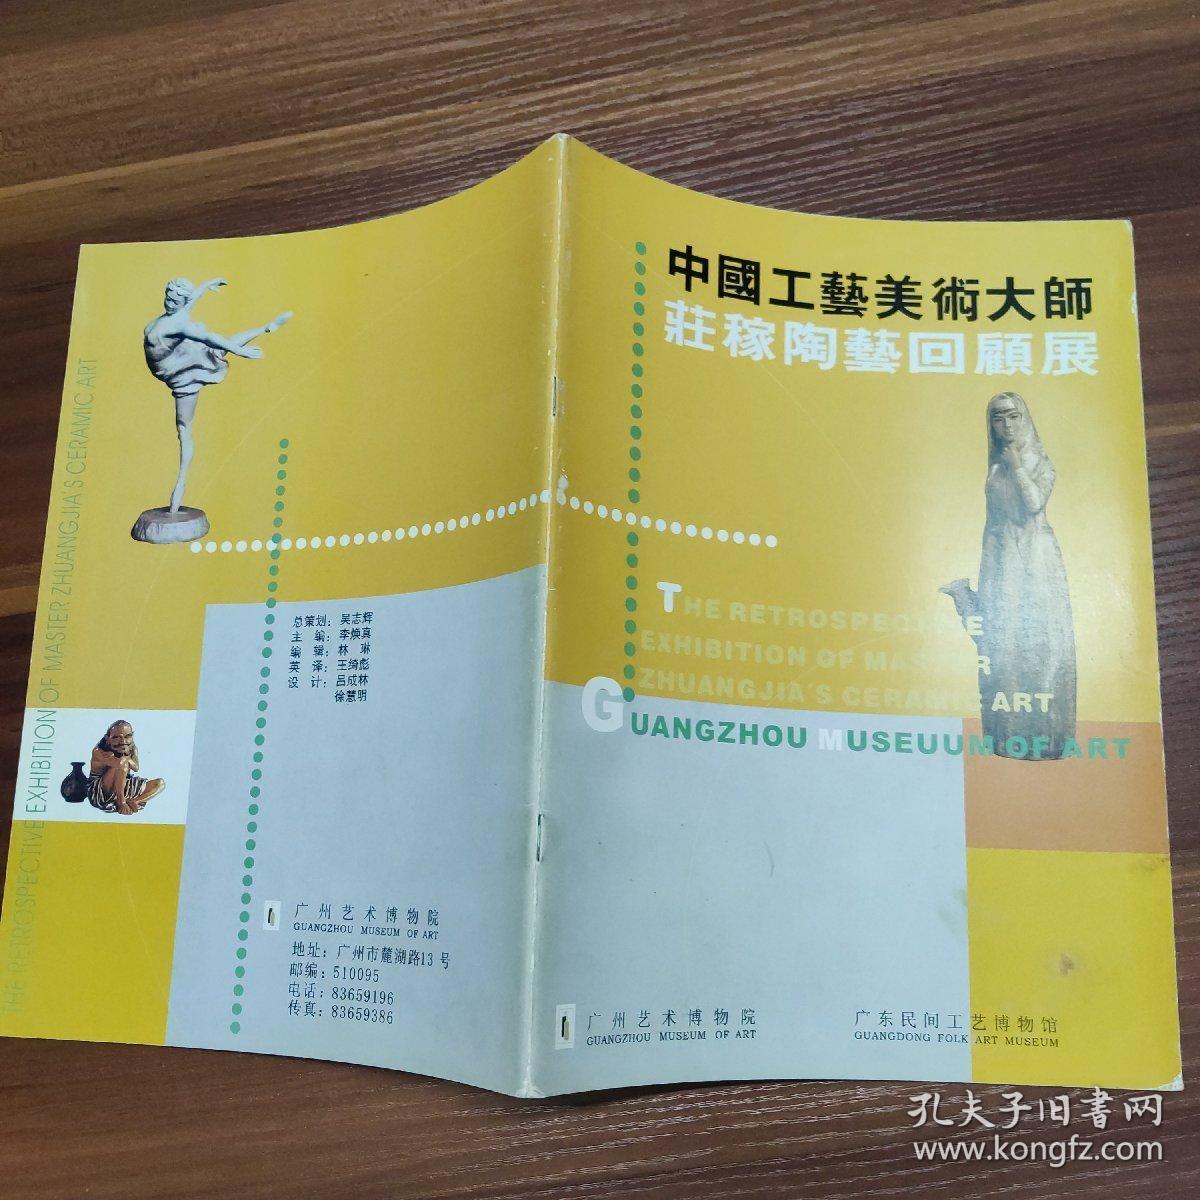 中国工艺美术大师庄稼陶艺回顾展--大16开